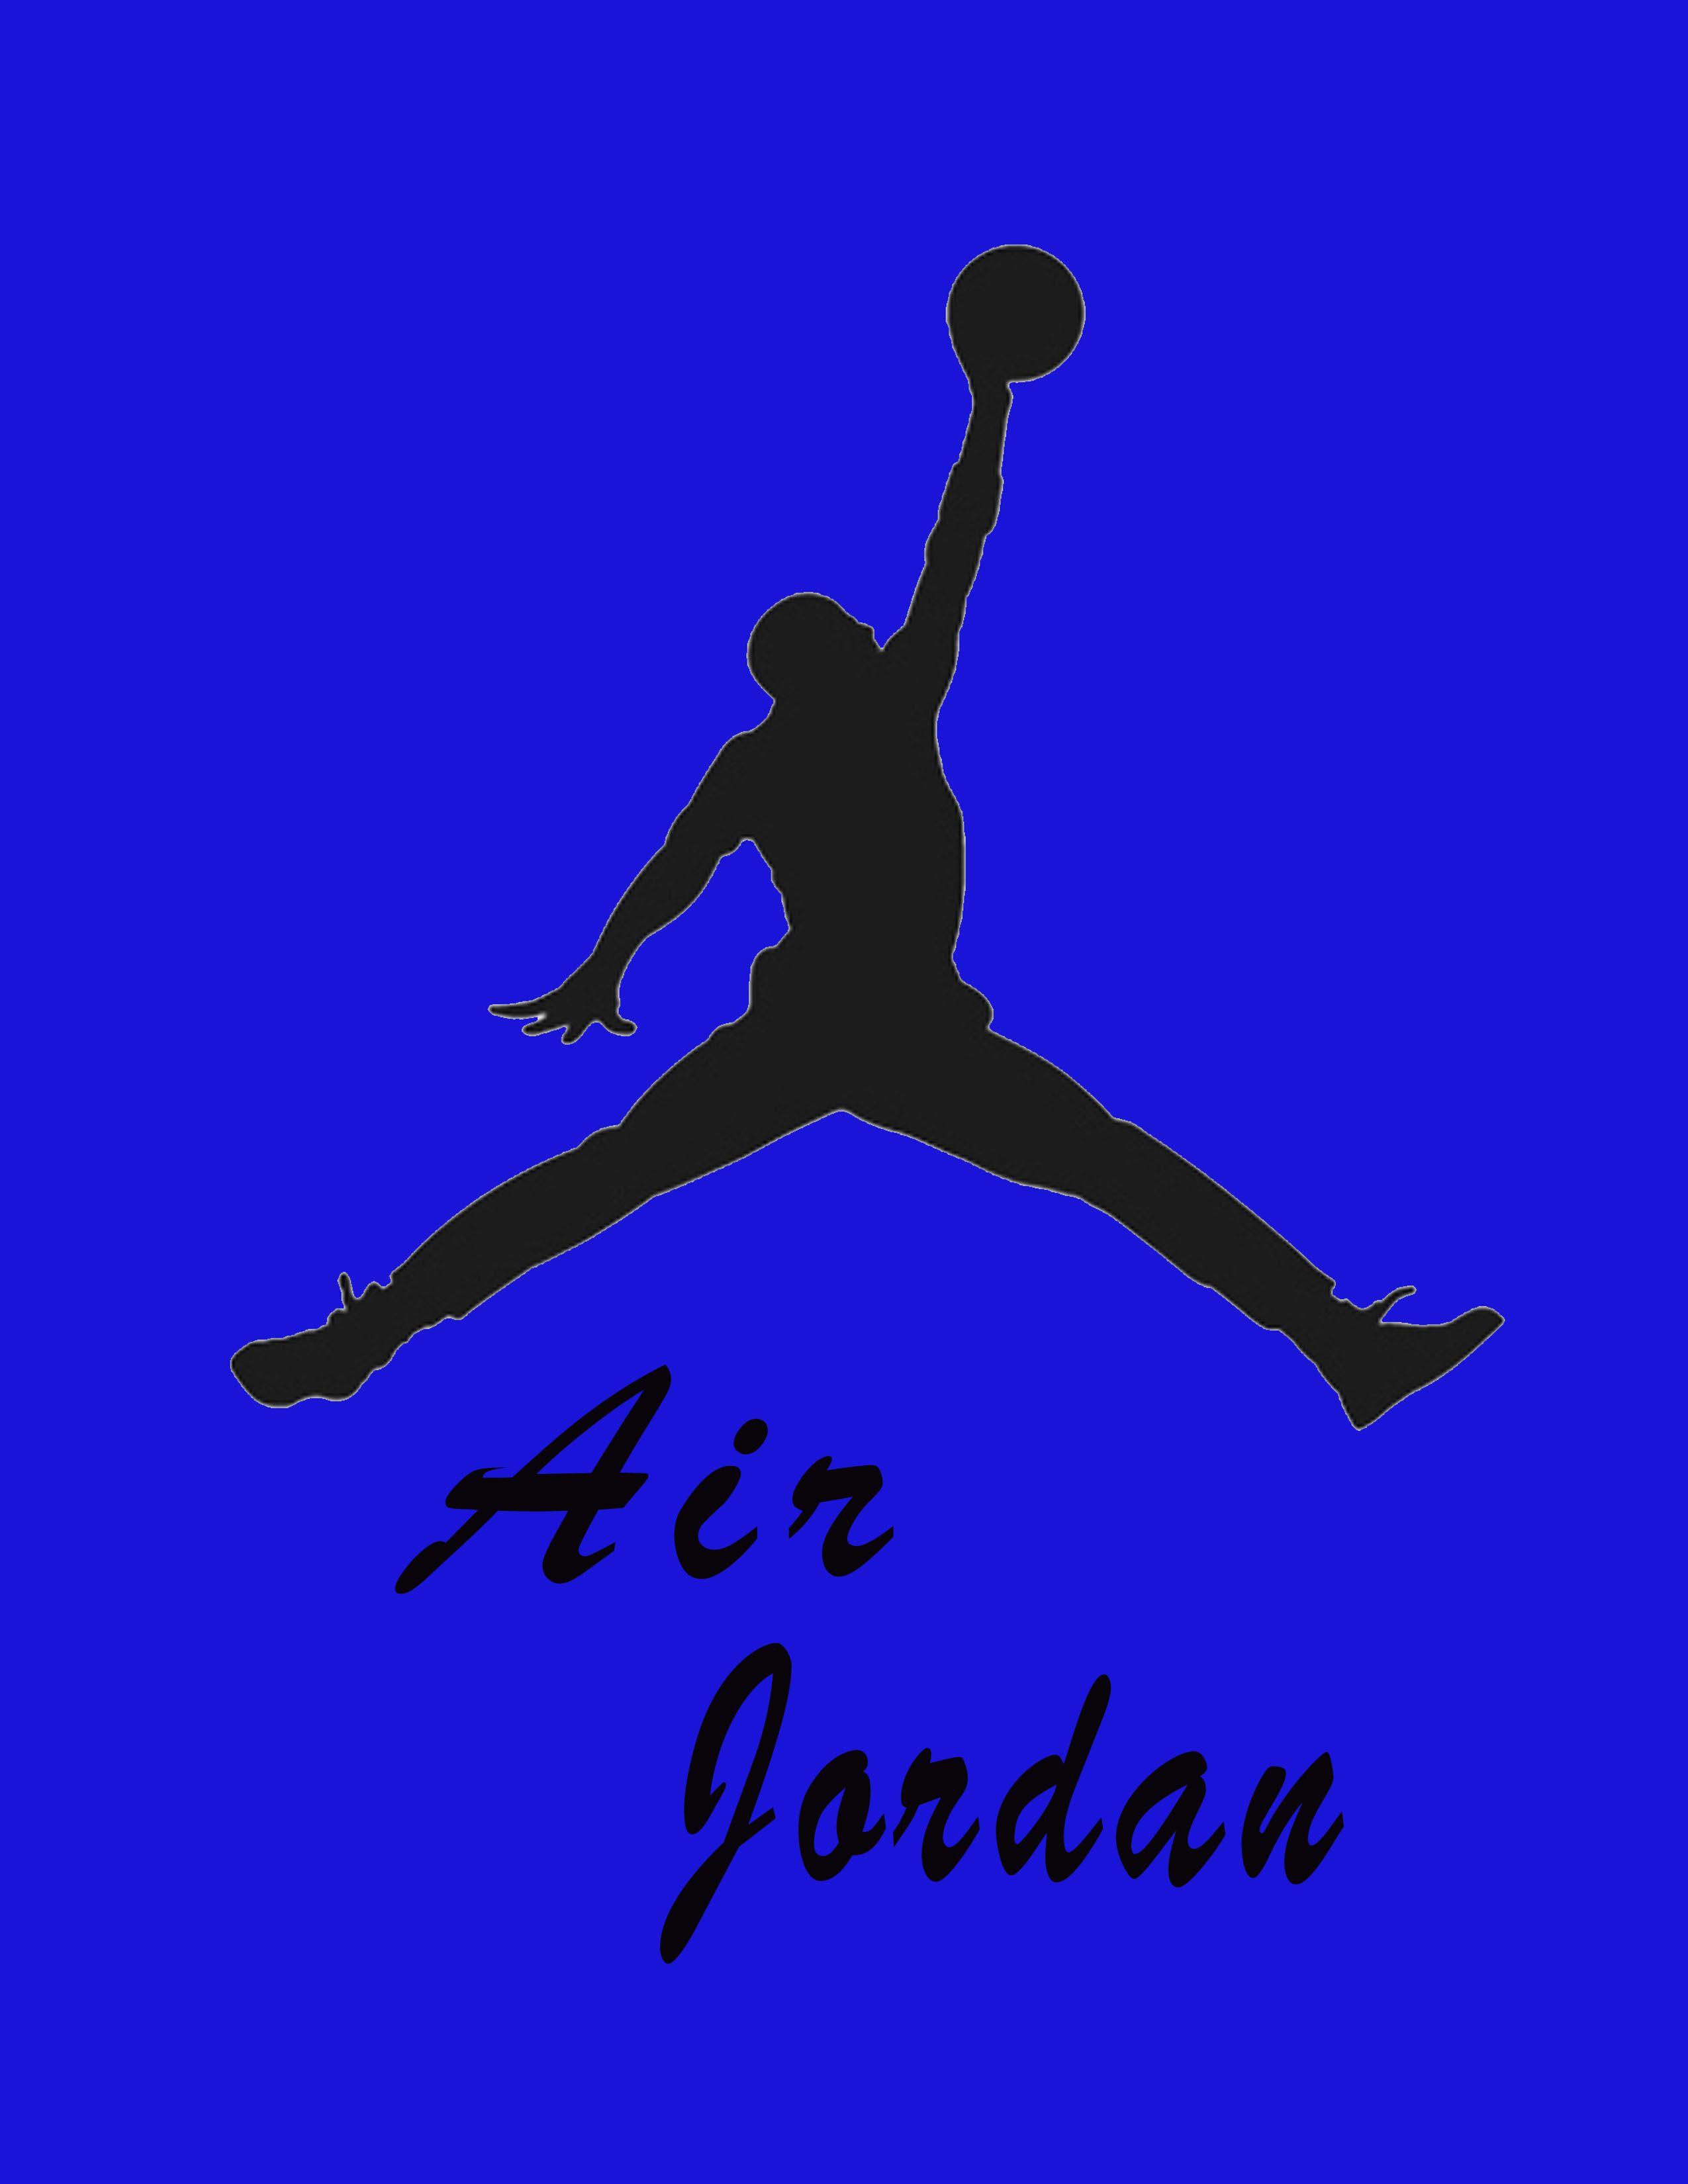 Air jordan symbol air jordan 11 concord air jordan release dates air jordan symbol voltagebd Image collections